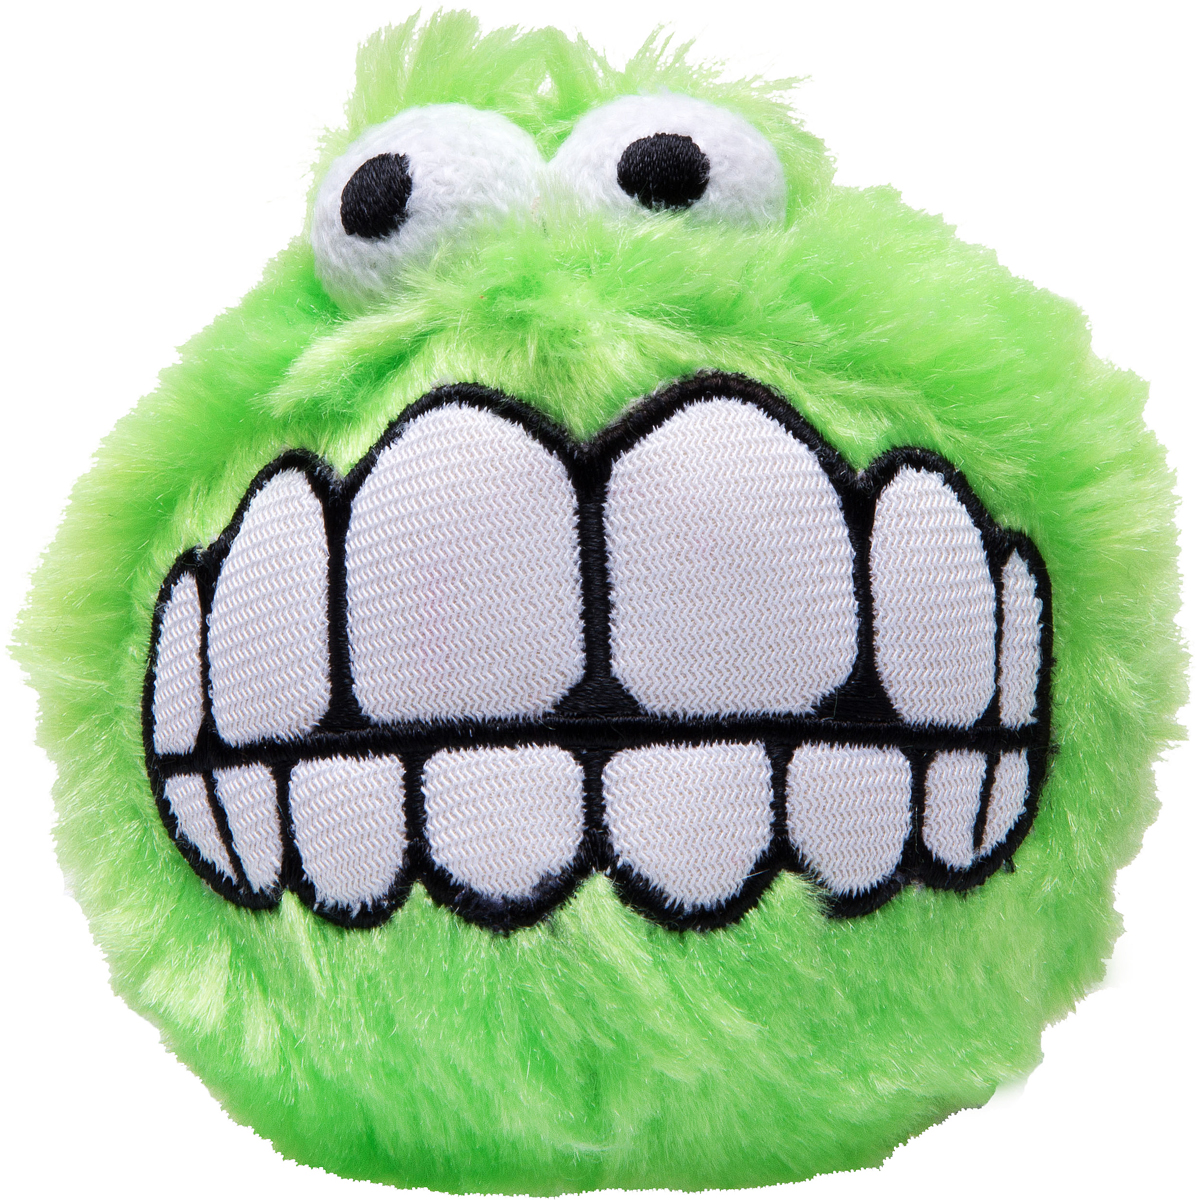 Игрушка для собак Rogz Fluffy Grinz. Зубы, цвет: лайм, диаметр 4,9 смCGR01LИгрушка для собак Rogz Fluffy Grinz. Зубы - особо мягкий, плюшевый мяч. Для животных, которые любят играть в Поймай-принеси - это просто мечта.Небольшой вес изделия.Не травмирует зубы и десны.Удобен для переноски животных.Внутри игрушки пищалка, что поддерживает интерес животного к игре.